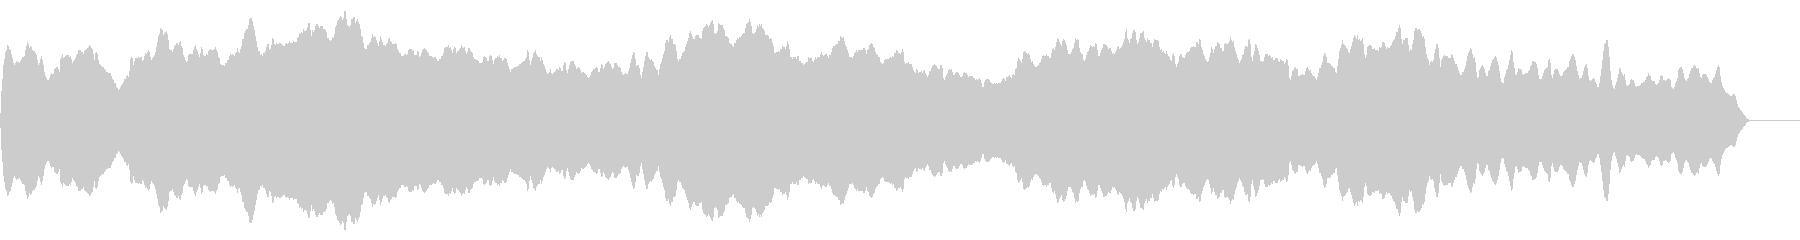 フラフラしたスライドホイッスル の未再生の波形